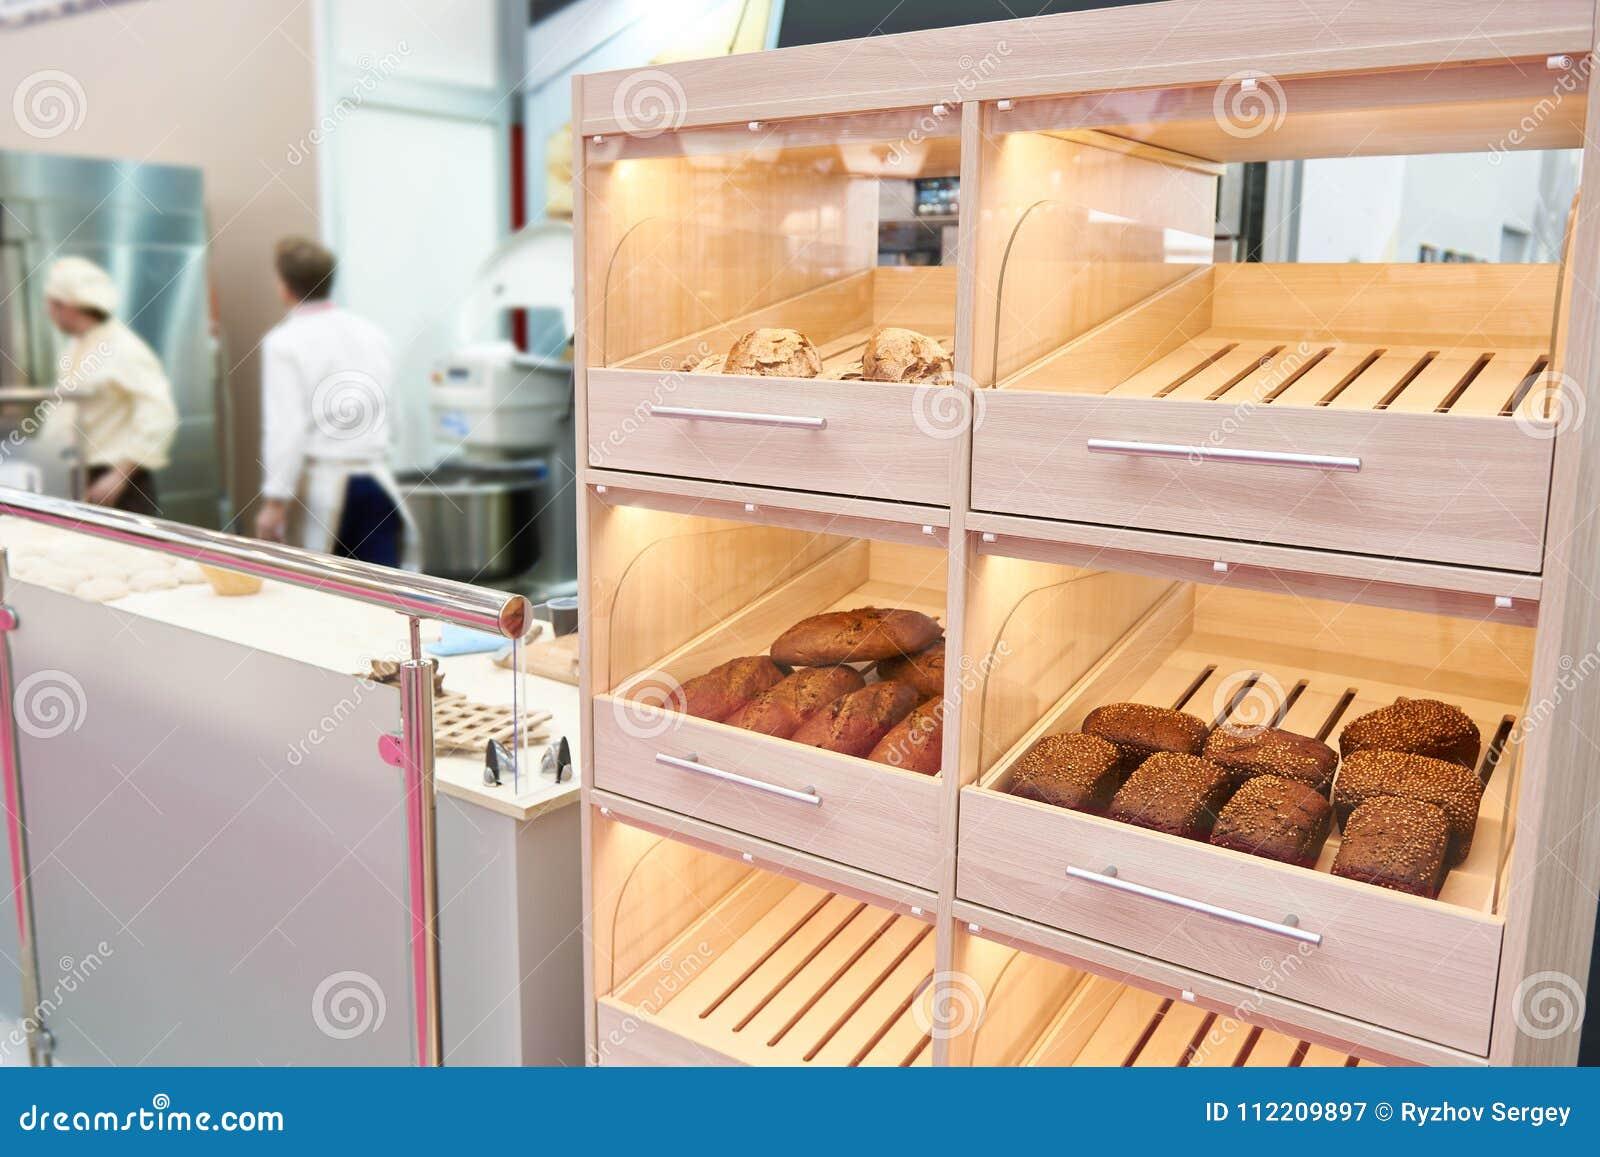 Loaves of bread on shelf in bakery